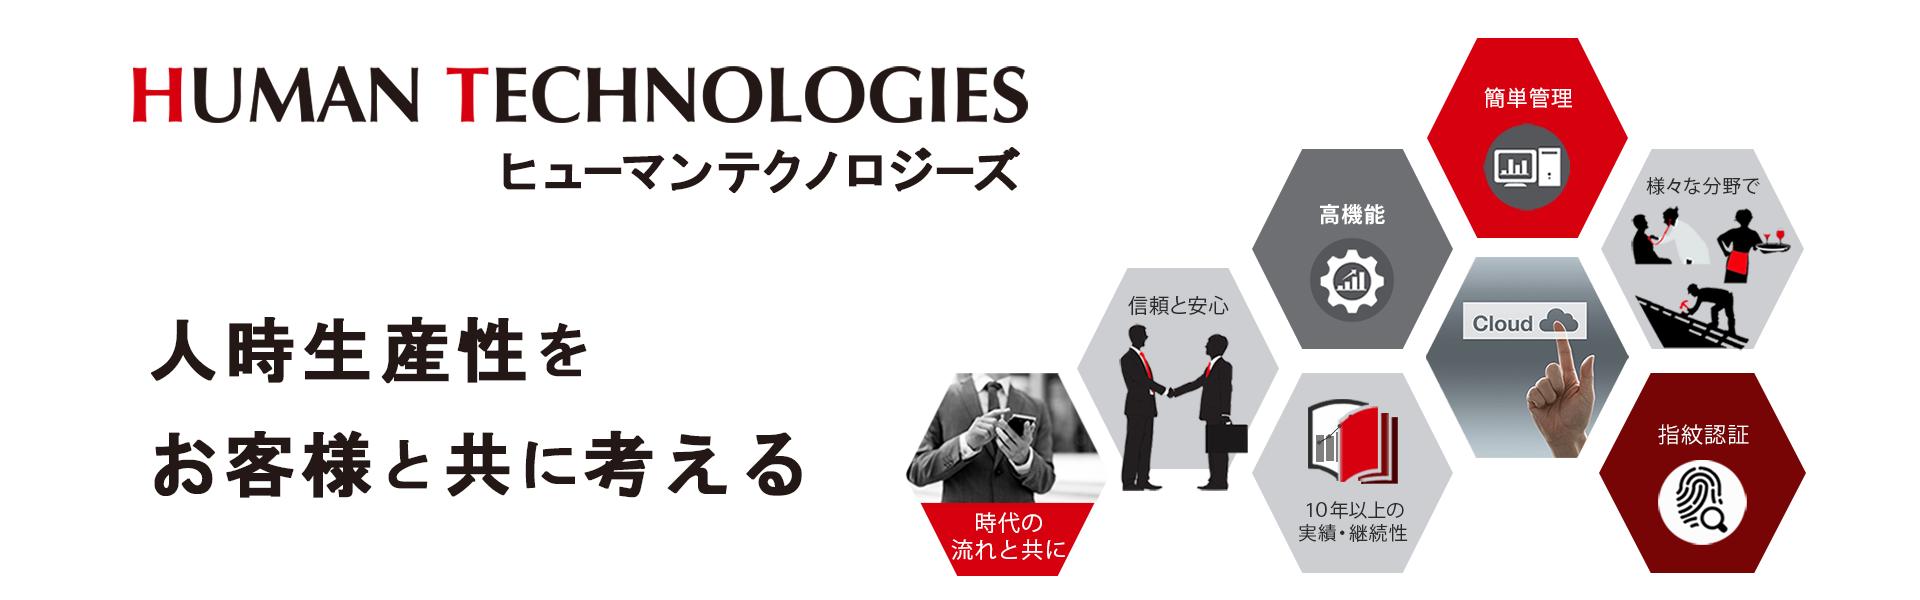 株式会社ヒューマンテクノロジーズ「人事生産性を」お客様と共に考える」